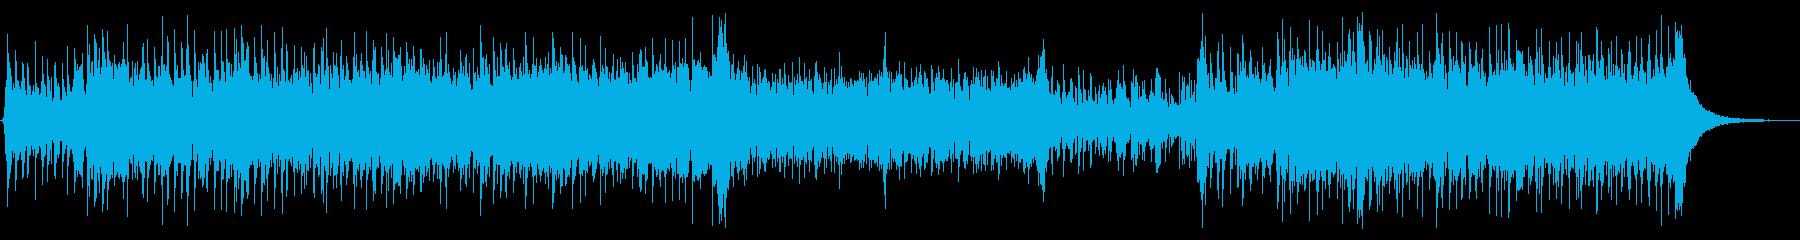 スラップベースと和太鼓 ドラム無版の再生済みの波形